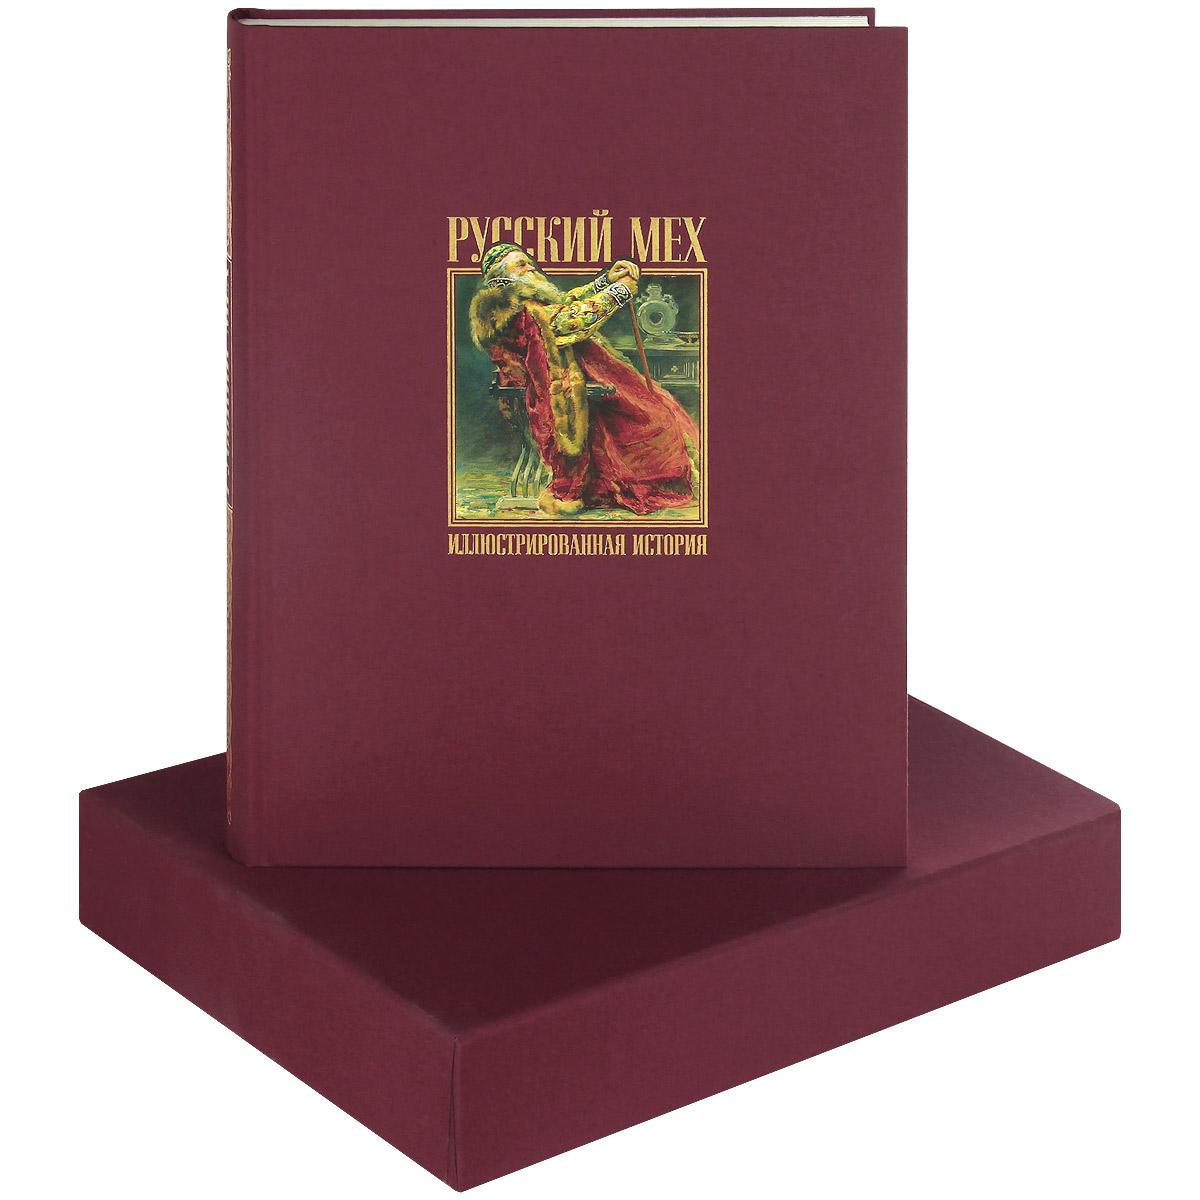 Русский мех (подарочное издание), Александр Никишин